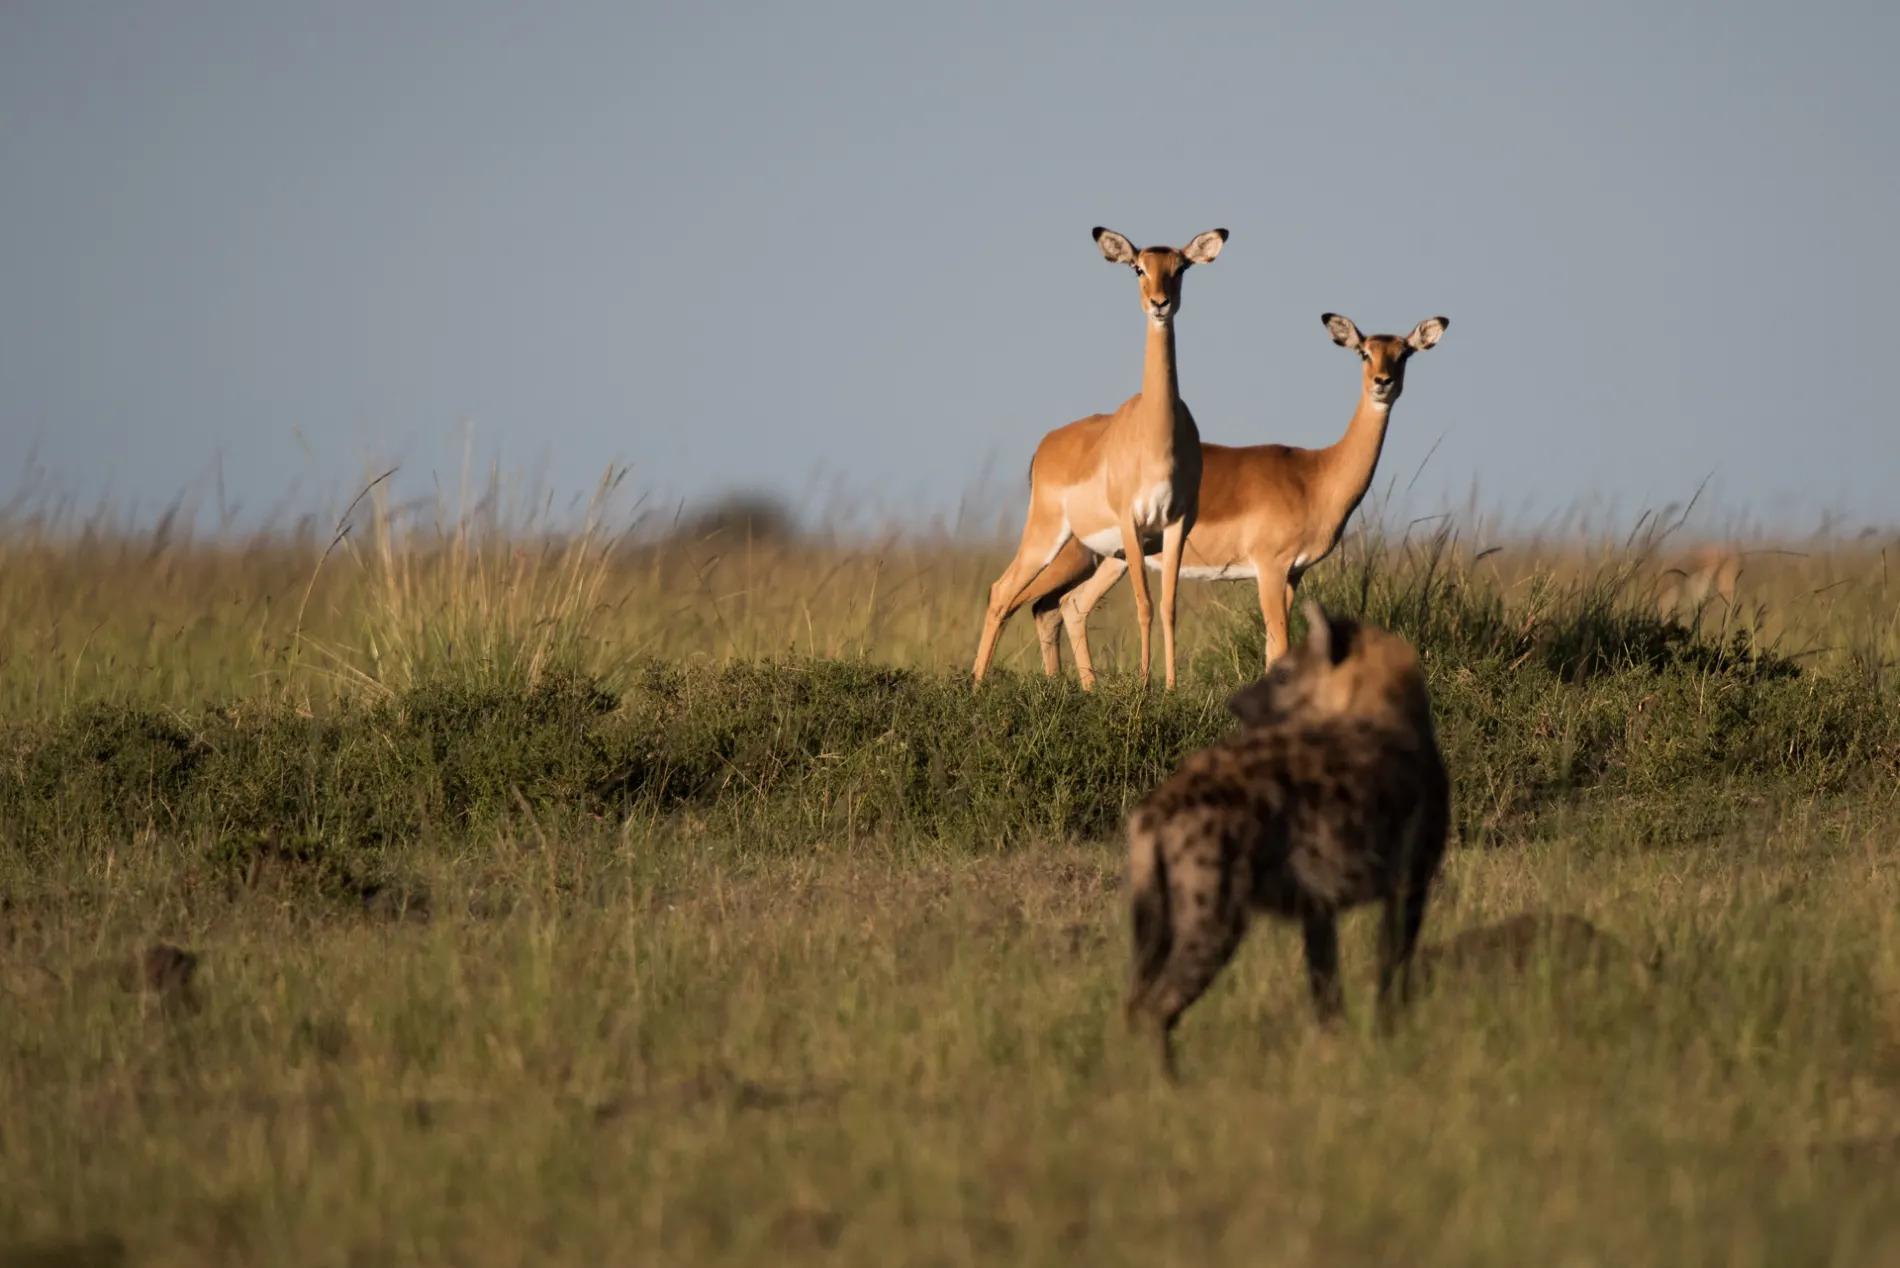 impala and hyena